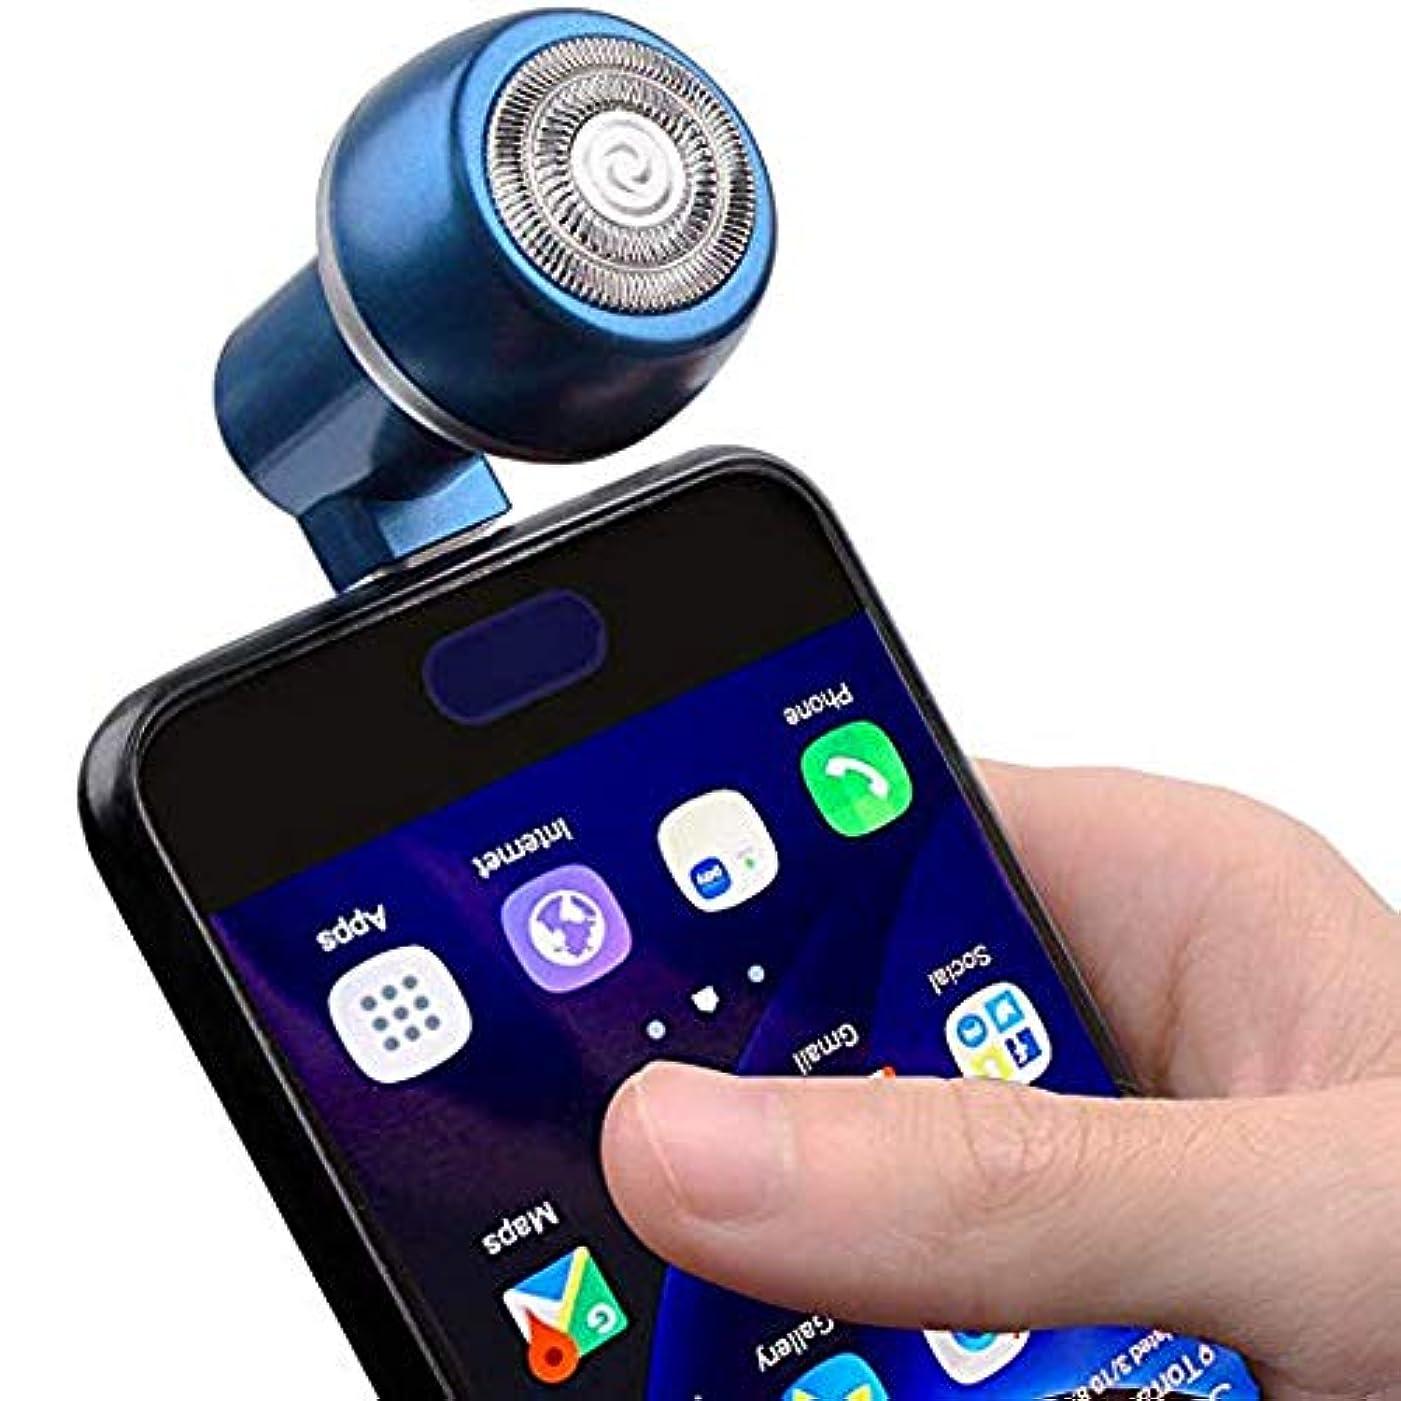 ミスペンド代表縫い目iCaree 旅行電話シェーバー男性用ミニUSBスマートフォントリマー用Android携帯電話屋外ポータブルマイクロUSB電気シェーバー